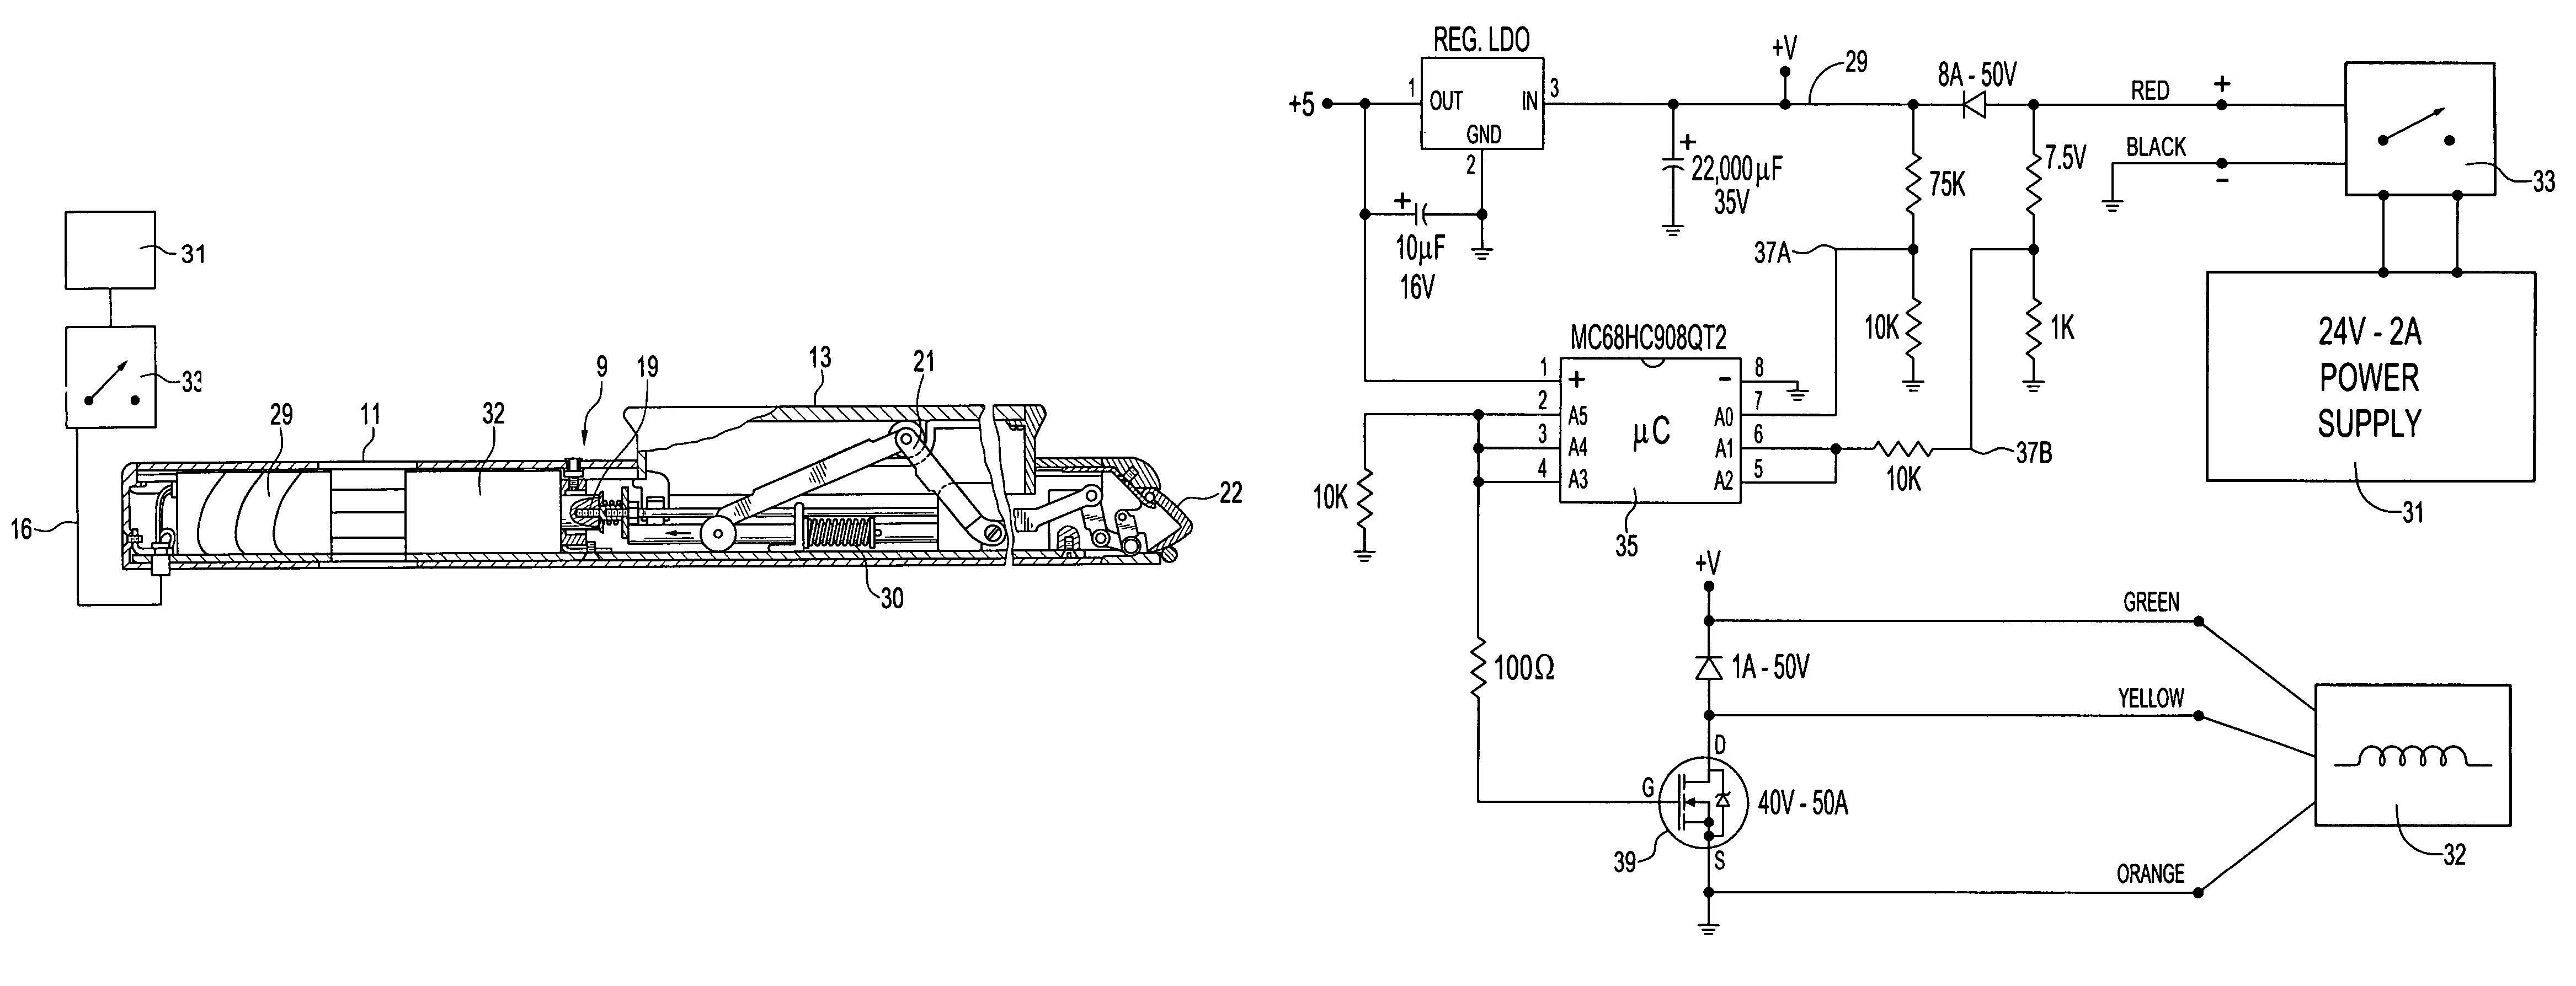 von duprin el 99 wiring diagram lvi newbalanceprocourt uk \u2022von duprin el 99 wiring diagram